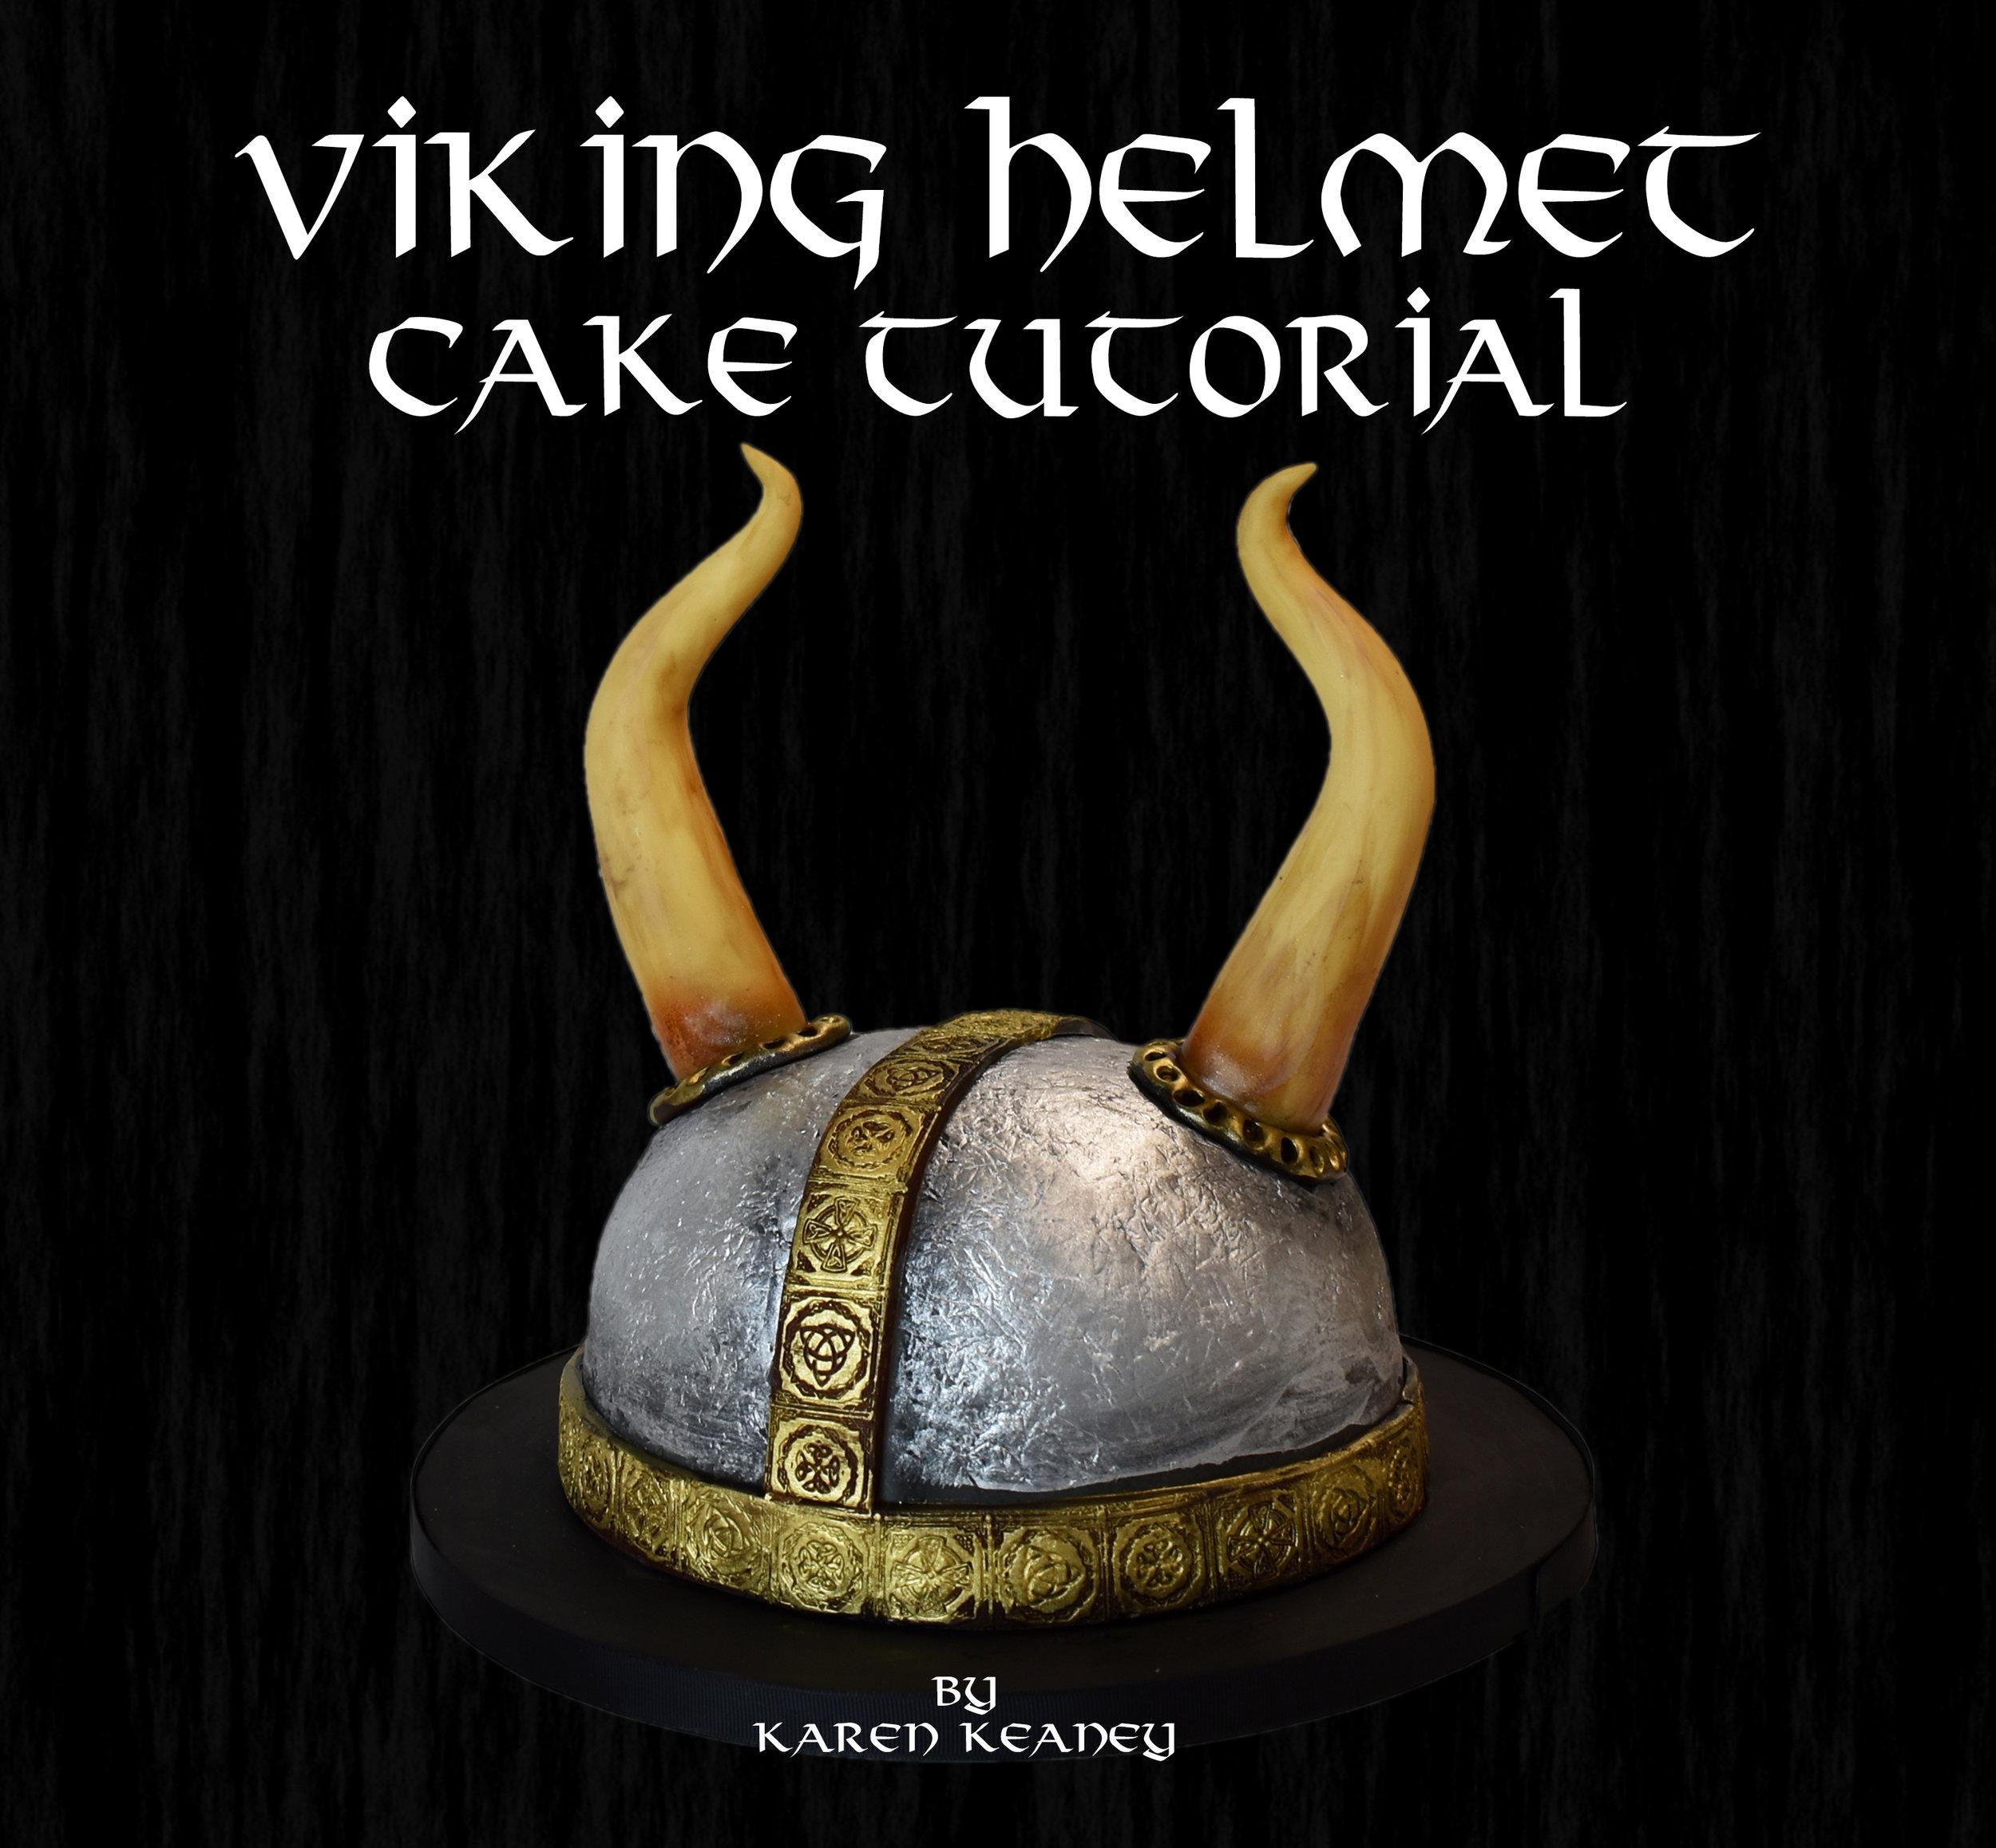 vikking helmet promo poster 1.jpg